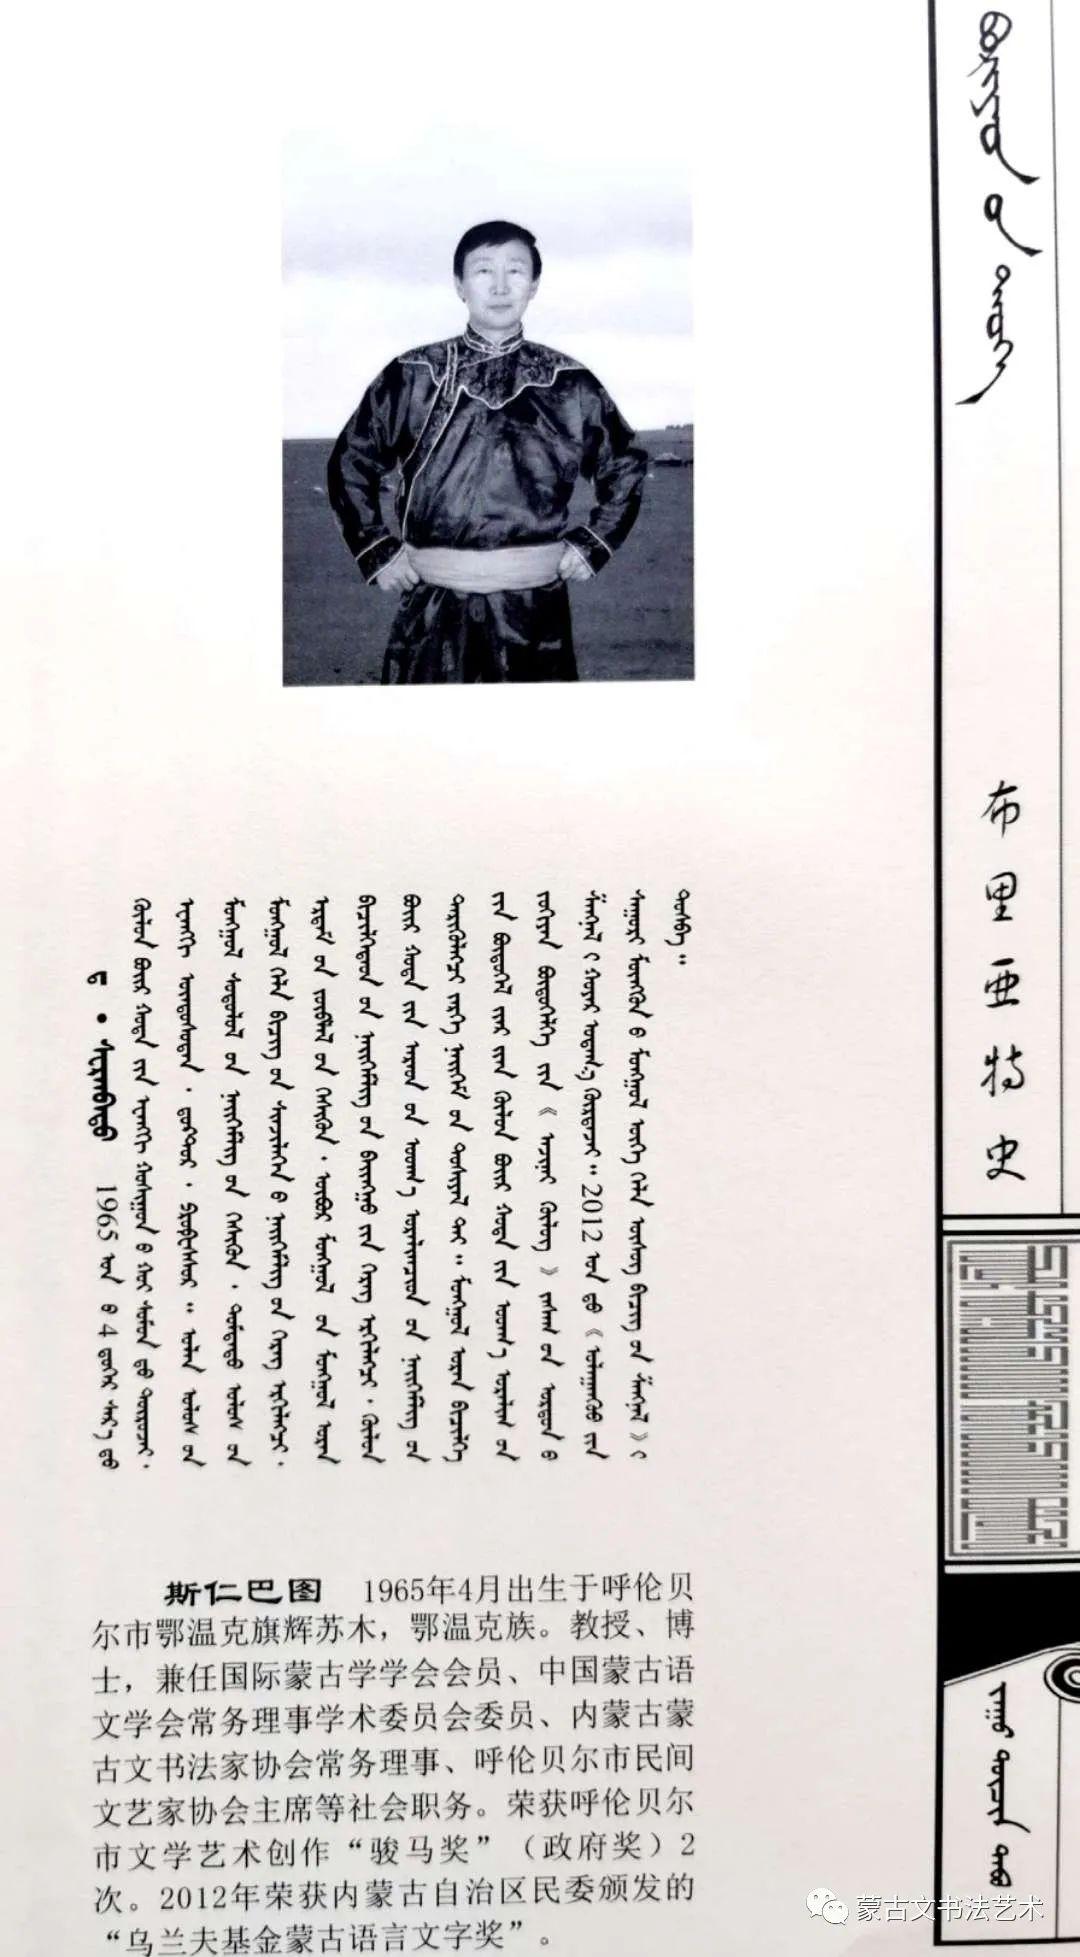 蒙古文经典文献当代书法名家手抄本之斯仁巴图《布里亚特史》 第13张